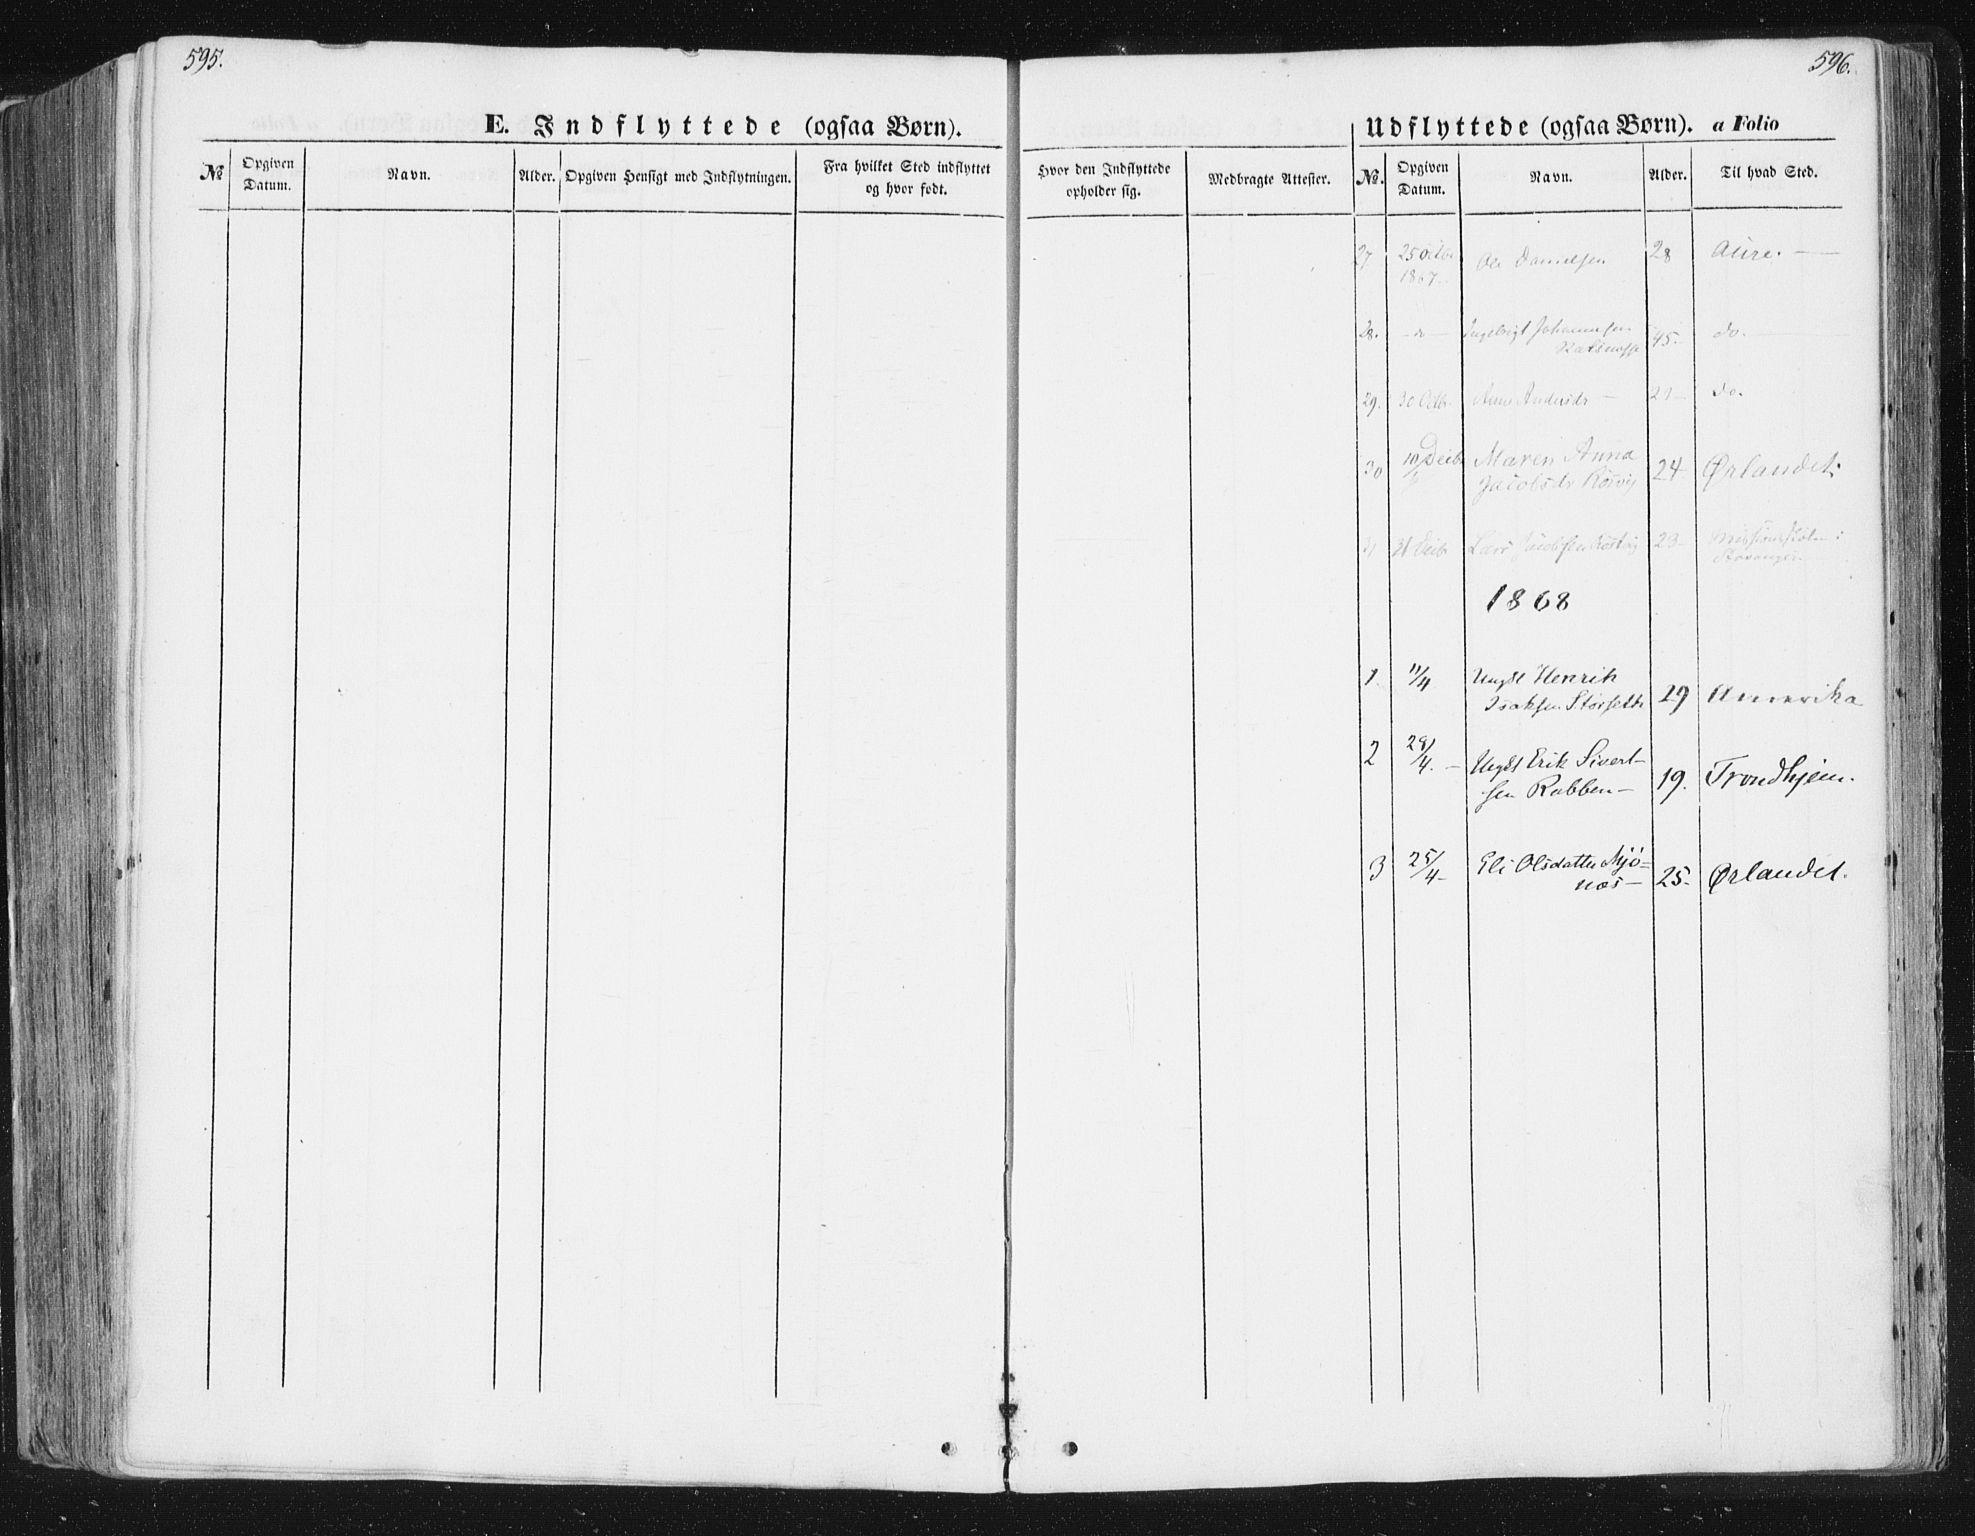 SAT, Ministerialprotokoller, klokkerbøker og fødselsregistre - Sør-Trøndelag, 630/L0494: Ministerialbok nr. 630A07, 1852-1868, s. 595-596